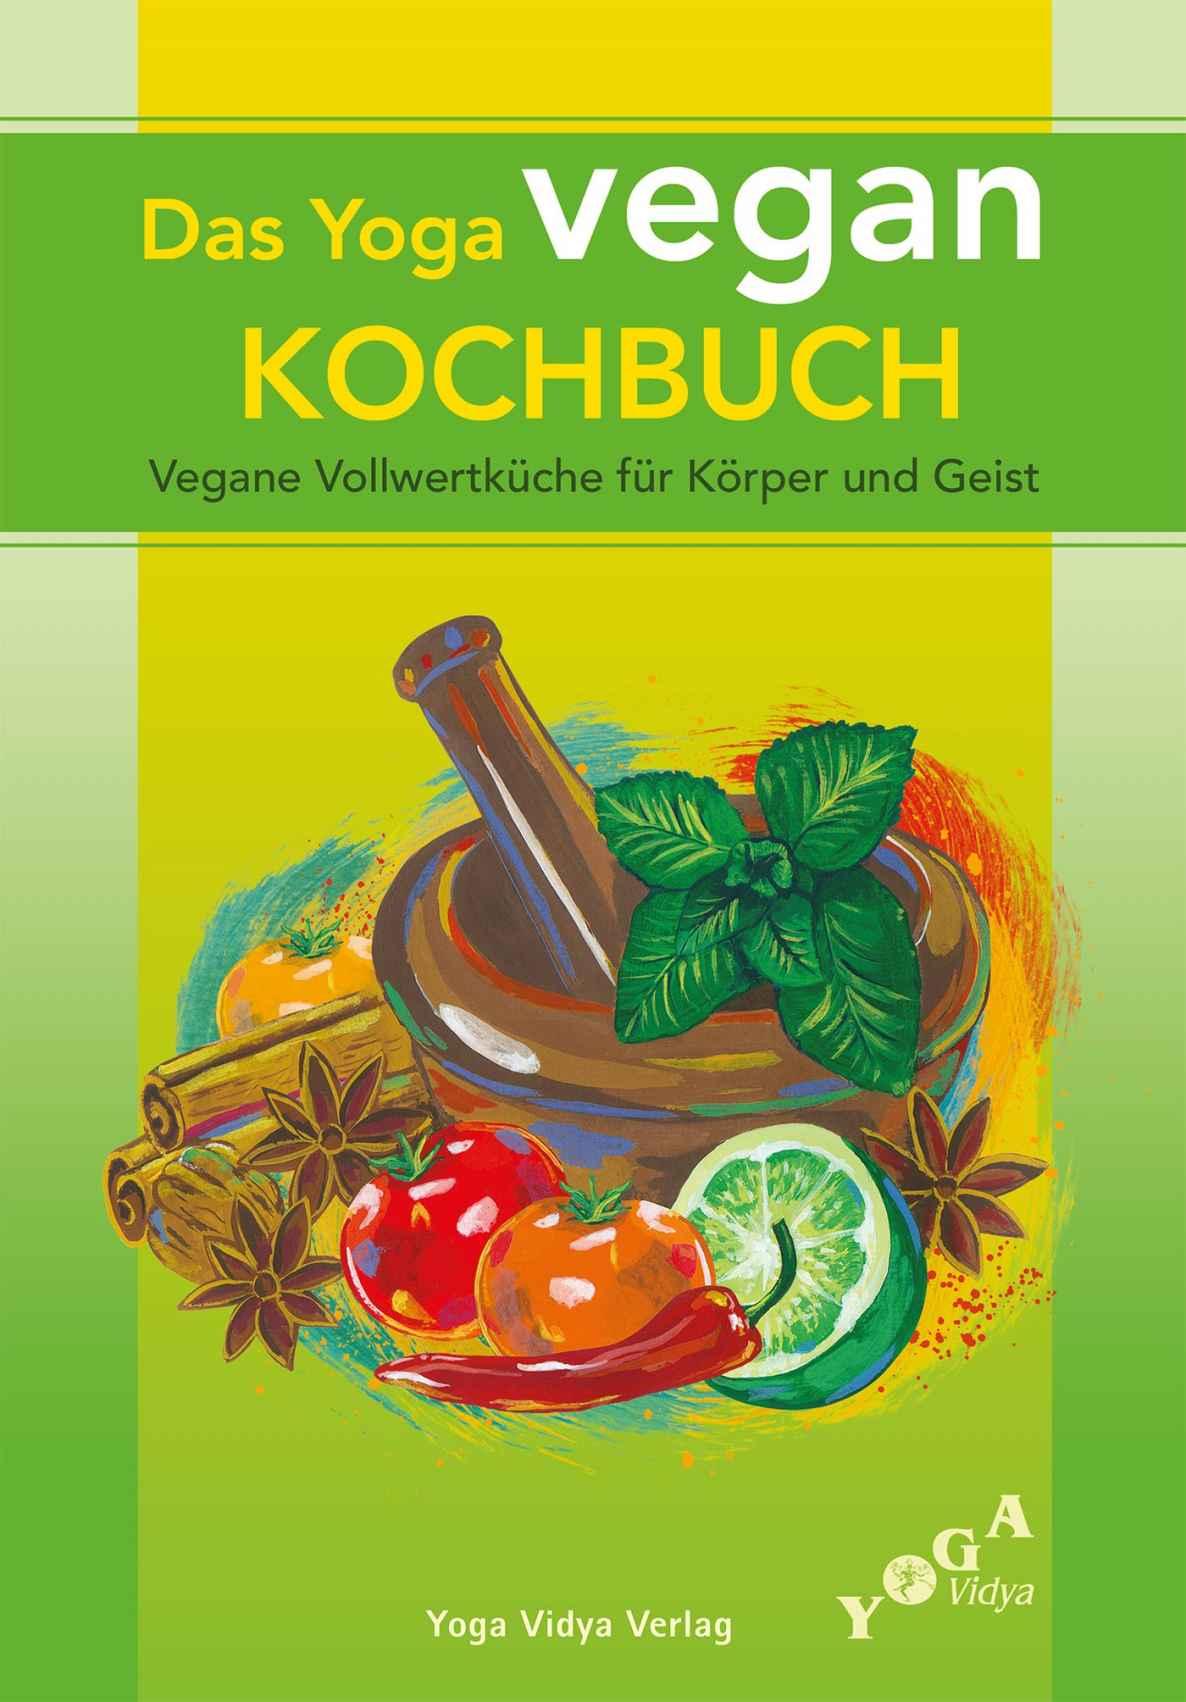 """Gratis - """"Das Yoga vegan Kochbuch"""" - Per E-Mail anfordern"""